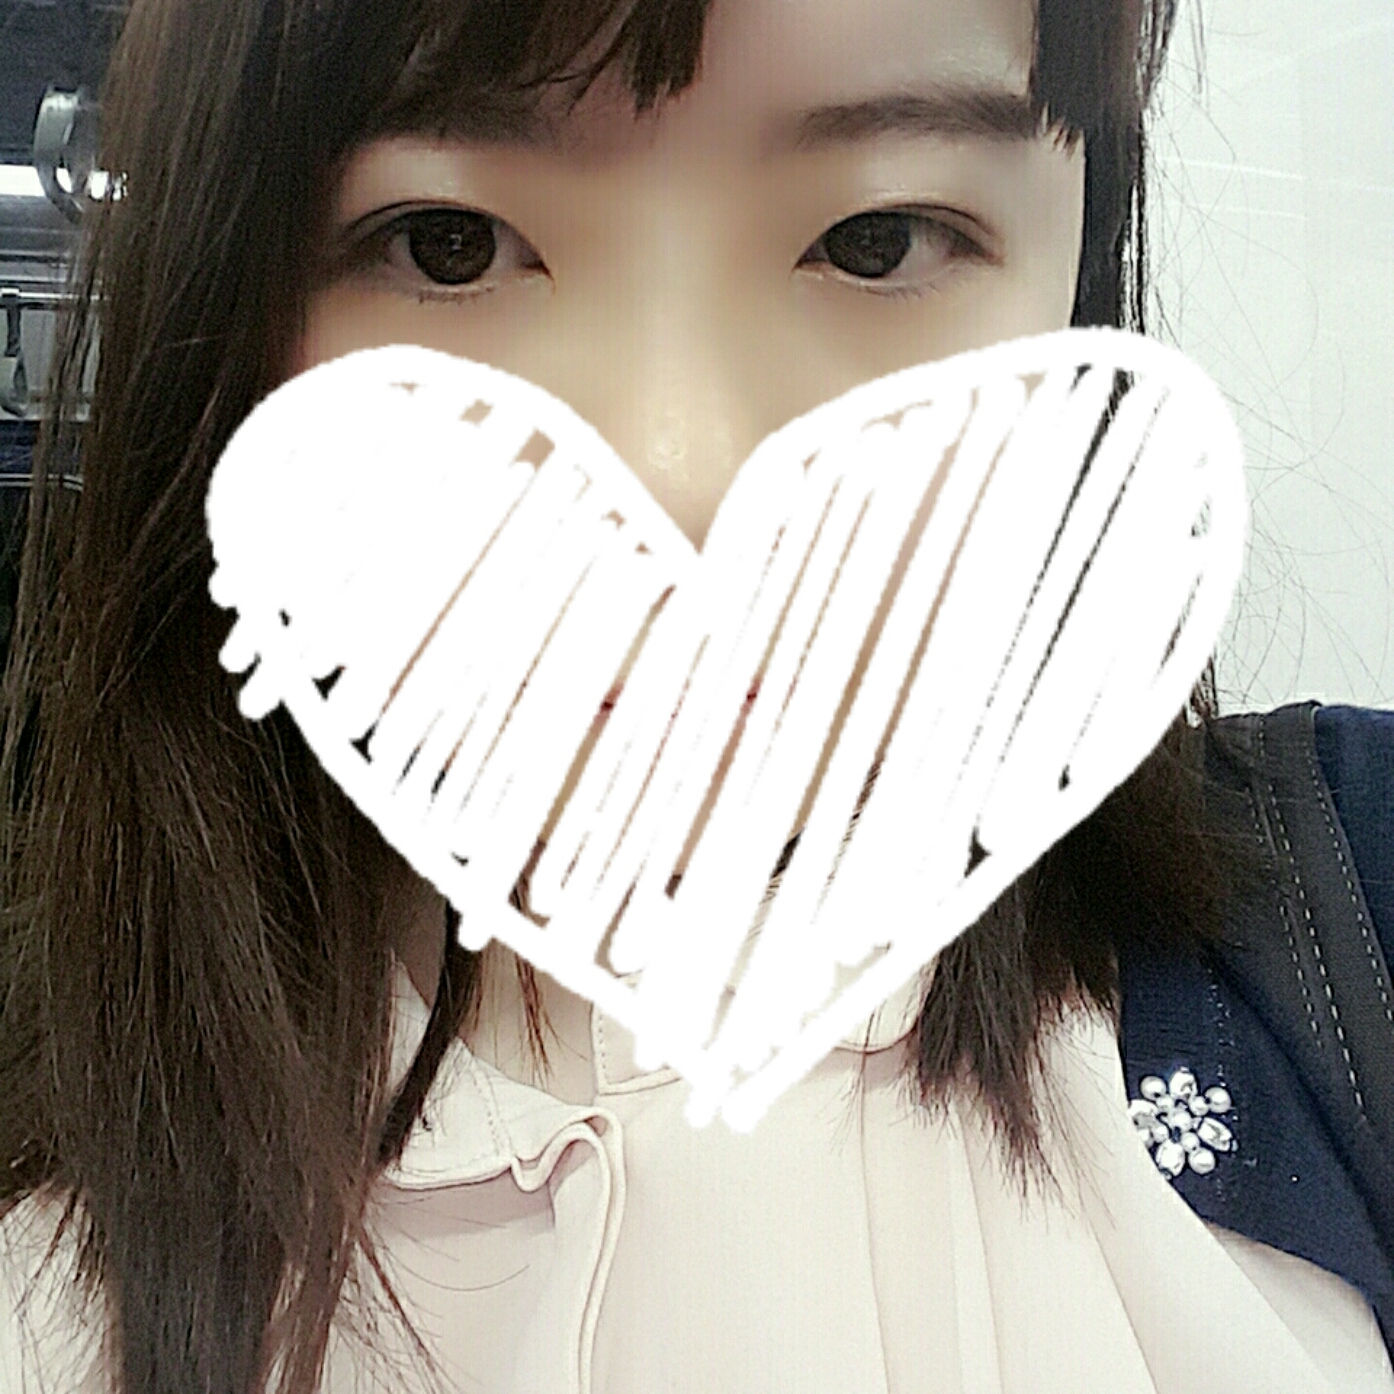 はるな|白いぽっちゃりさん 新宿店 - 新宿・歌舞伎町風俗